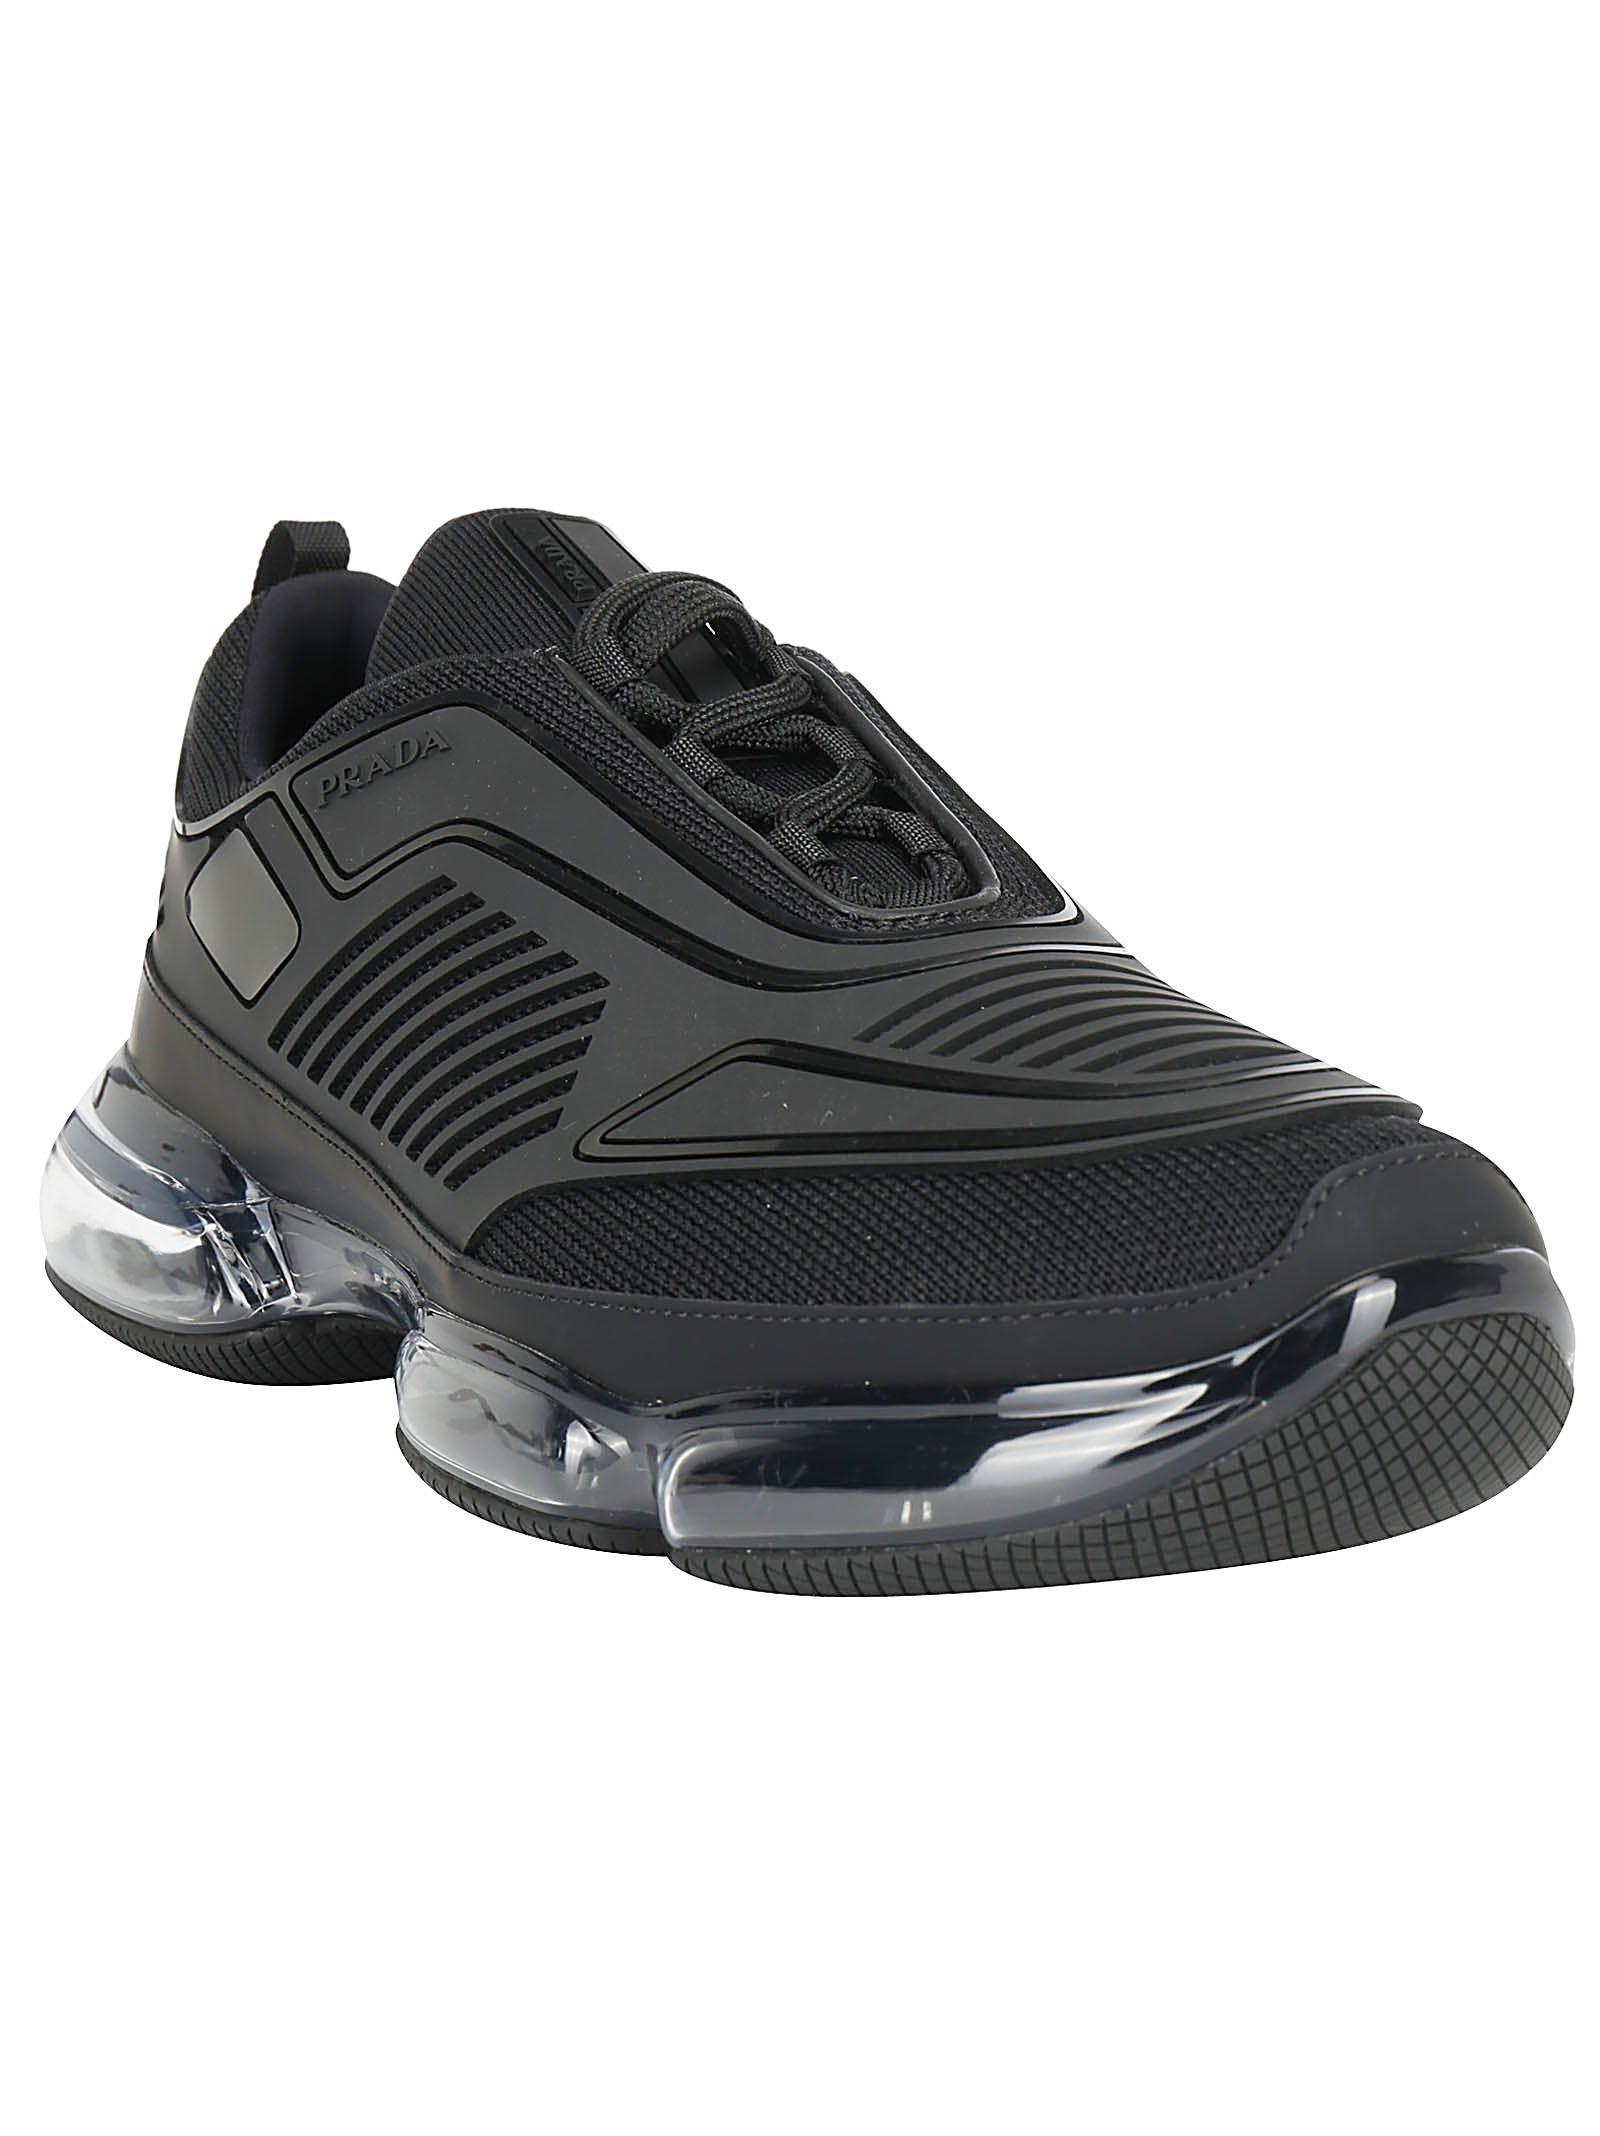 Prada Sneakers | italist, ALWAYS LIKE A